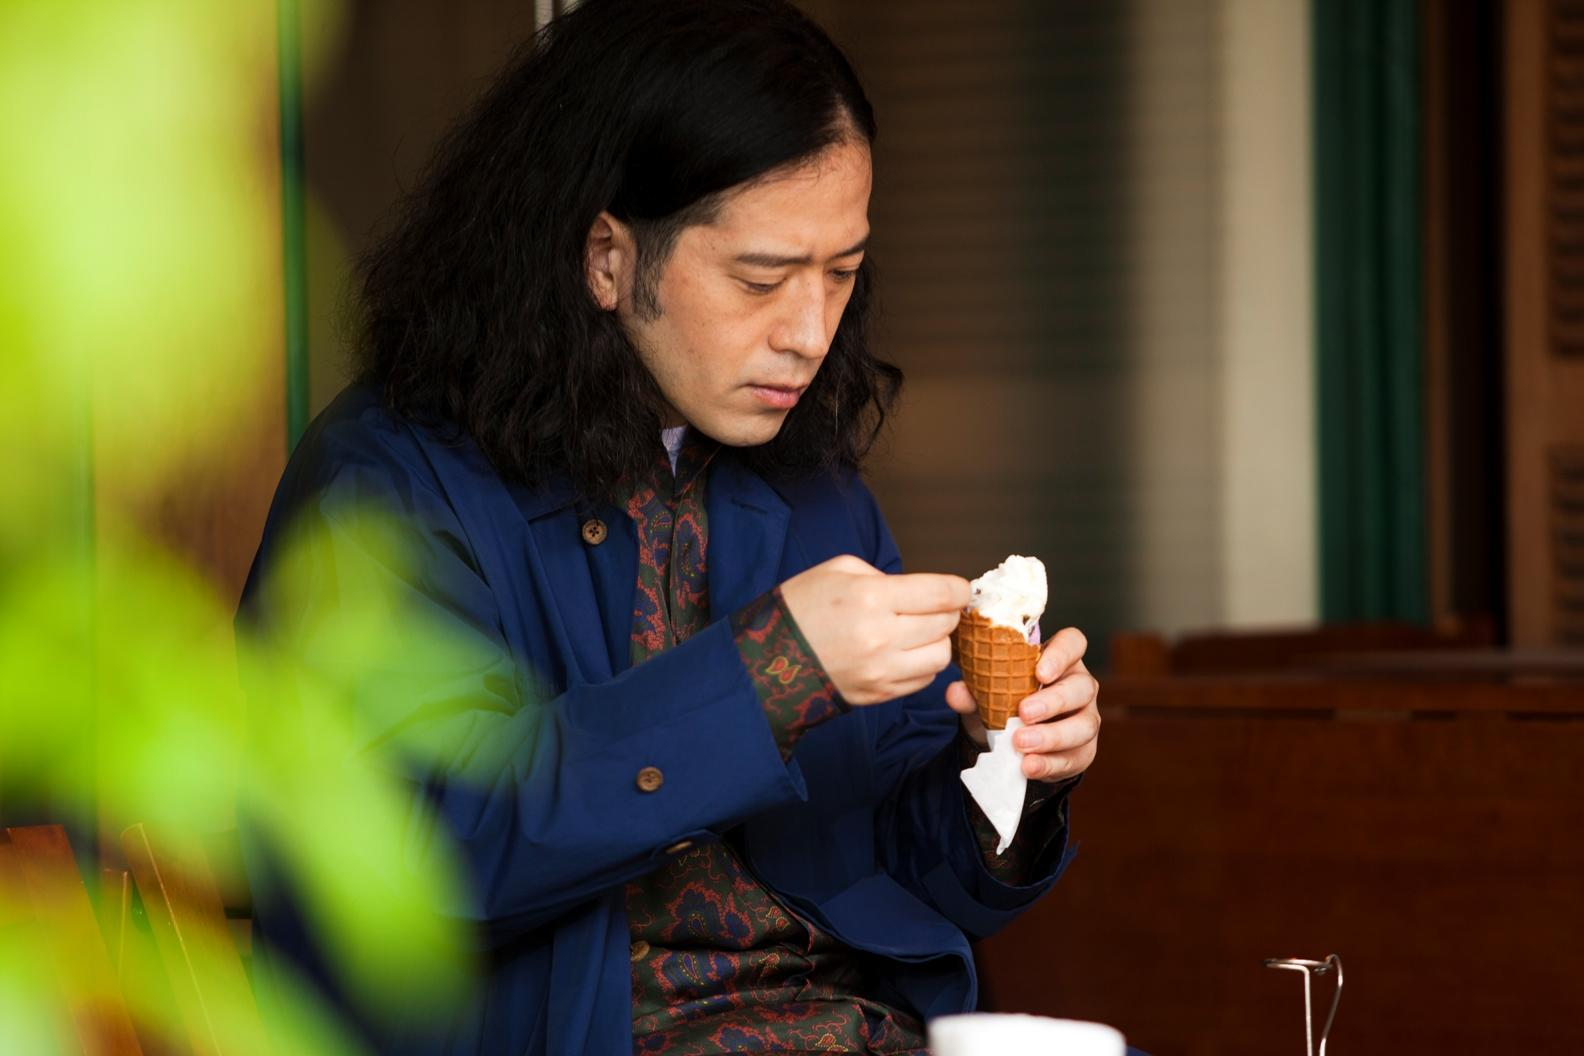 http://news.yoshimoto.co.jp/20170406171524-01740db42cae04205a8bd274bfe6b5fefb092a44.jpg